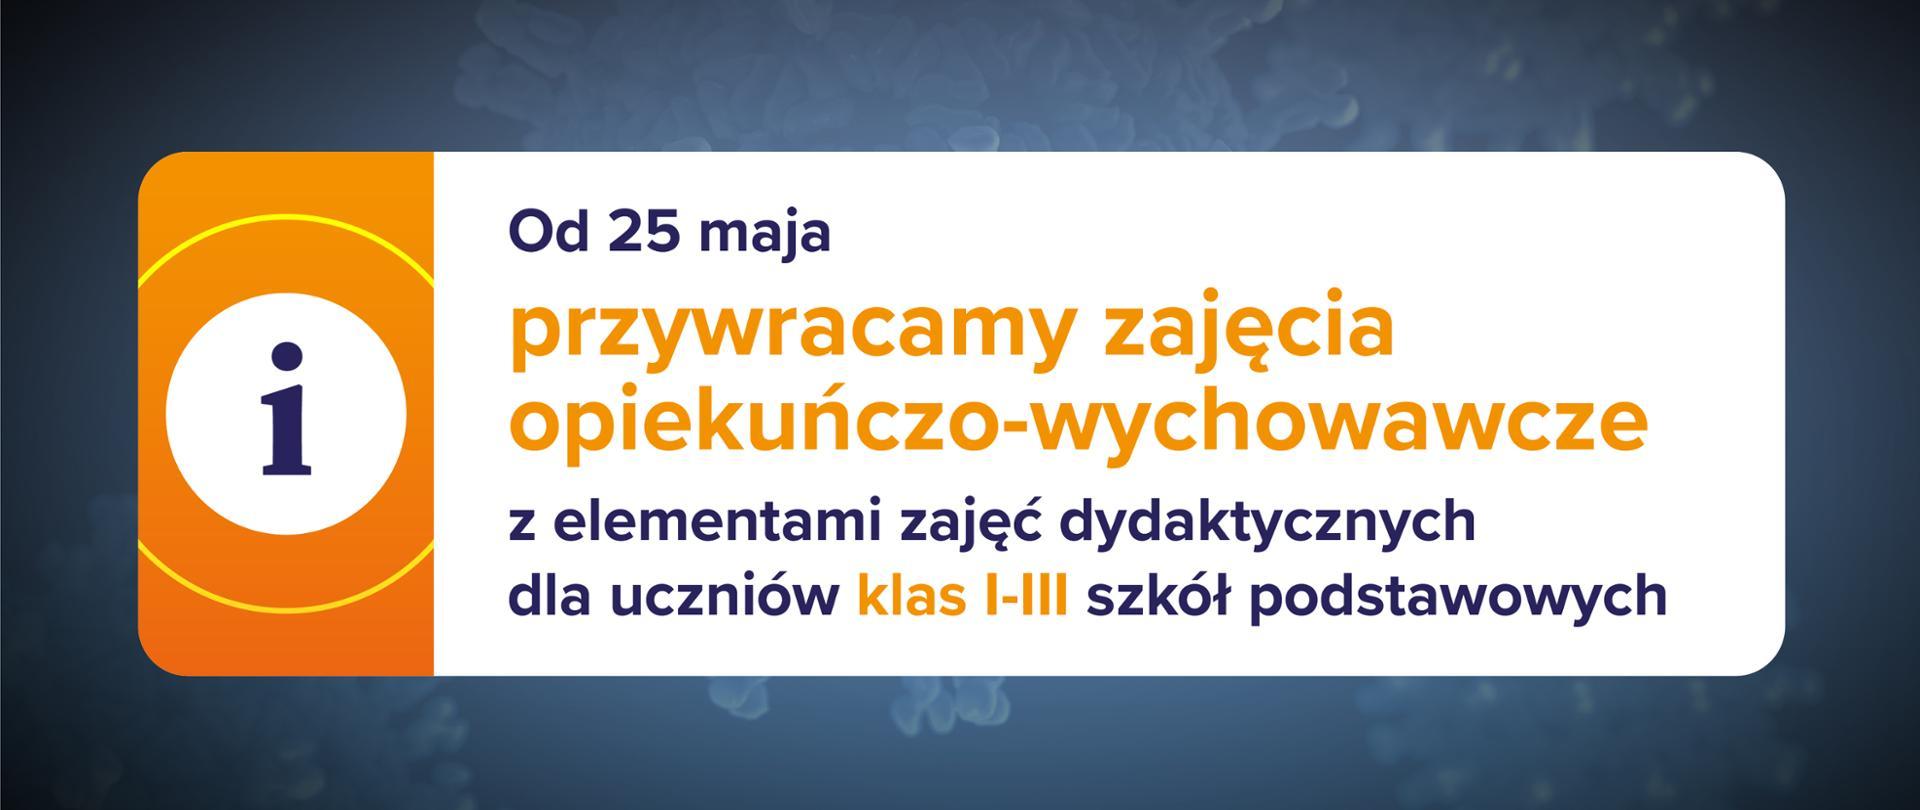 Ciemnoniebieskie tło, ikona informacyjna po lewej stronie na pomarańczowym tle oraz tekst po prawej stronie na białym tle: